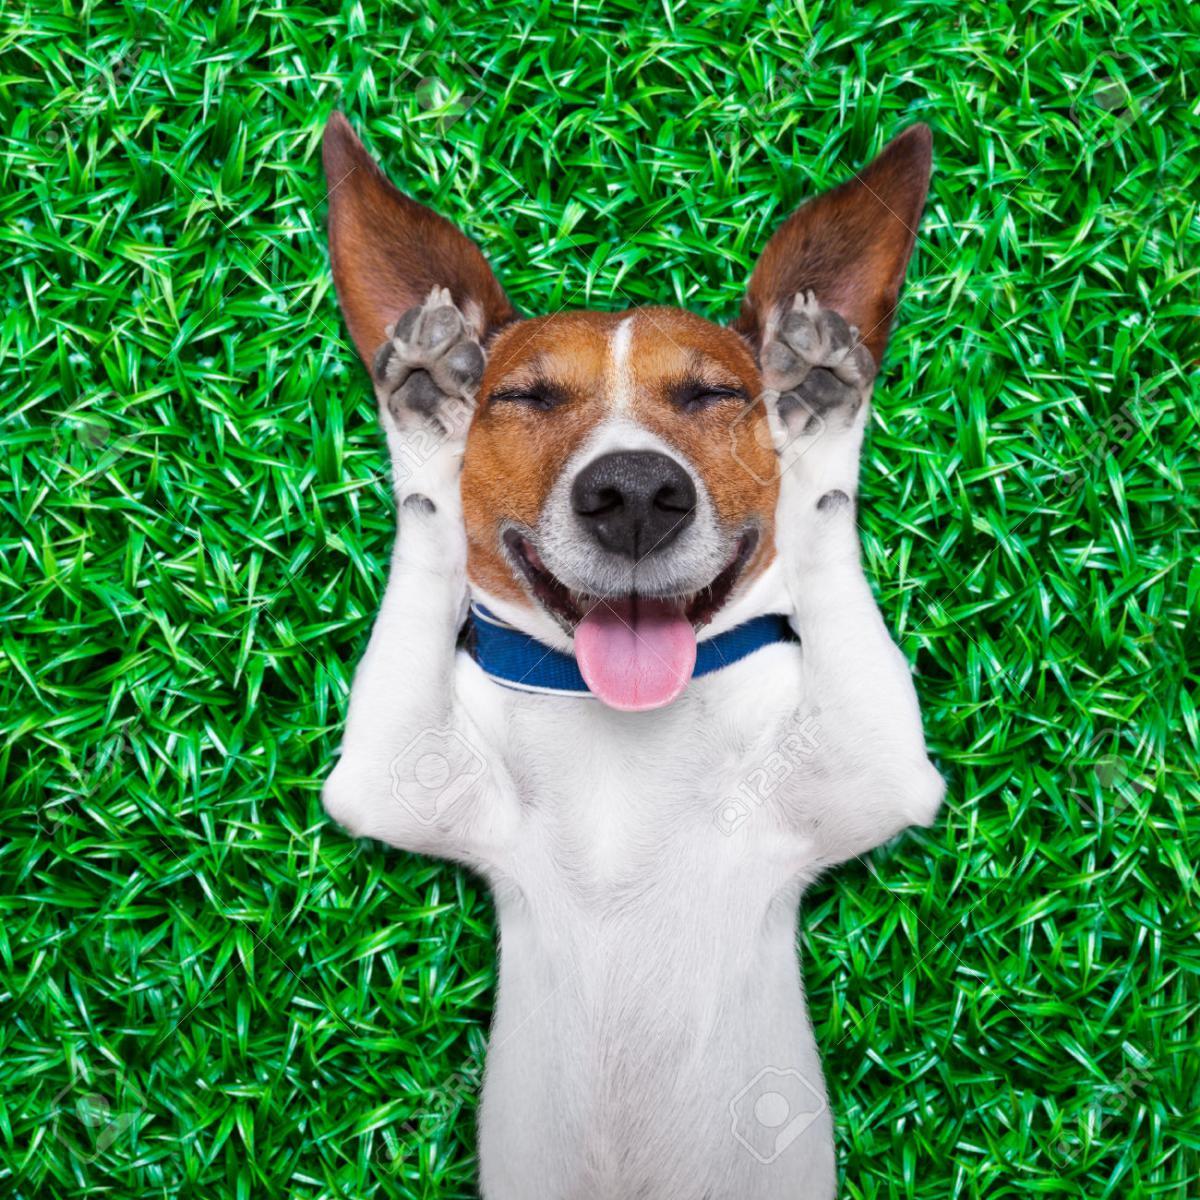 Nombre:  30507562-perro-tumbado-en-la-hierba-con-la-expresi-n-tonta-tonta-loca-en-el-rostro-pegado-a-la-l.jpg Visitas: 246 Tamaño: 302.1 KB